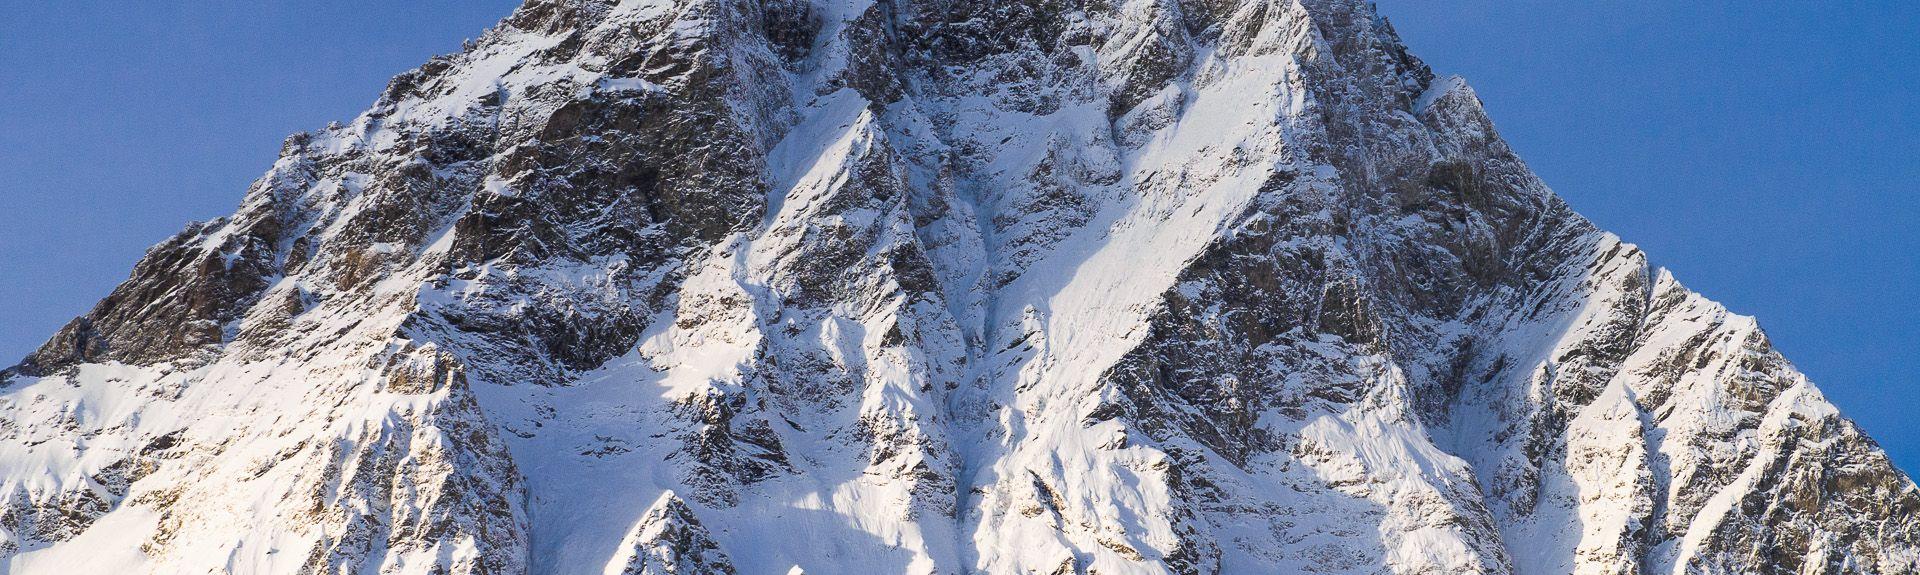 Mongnod, Torgnon, Vale de Aosta, Itália